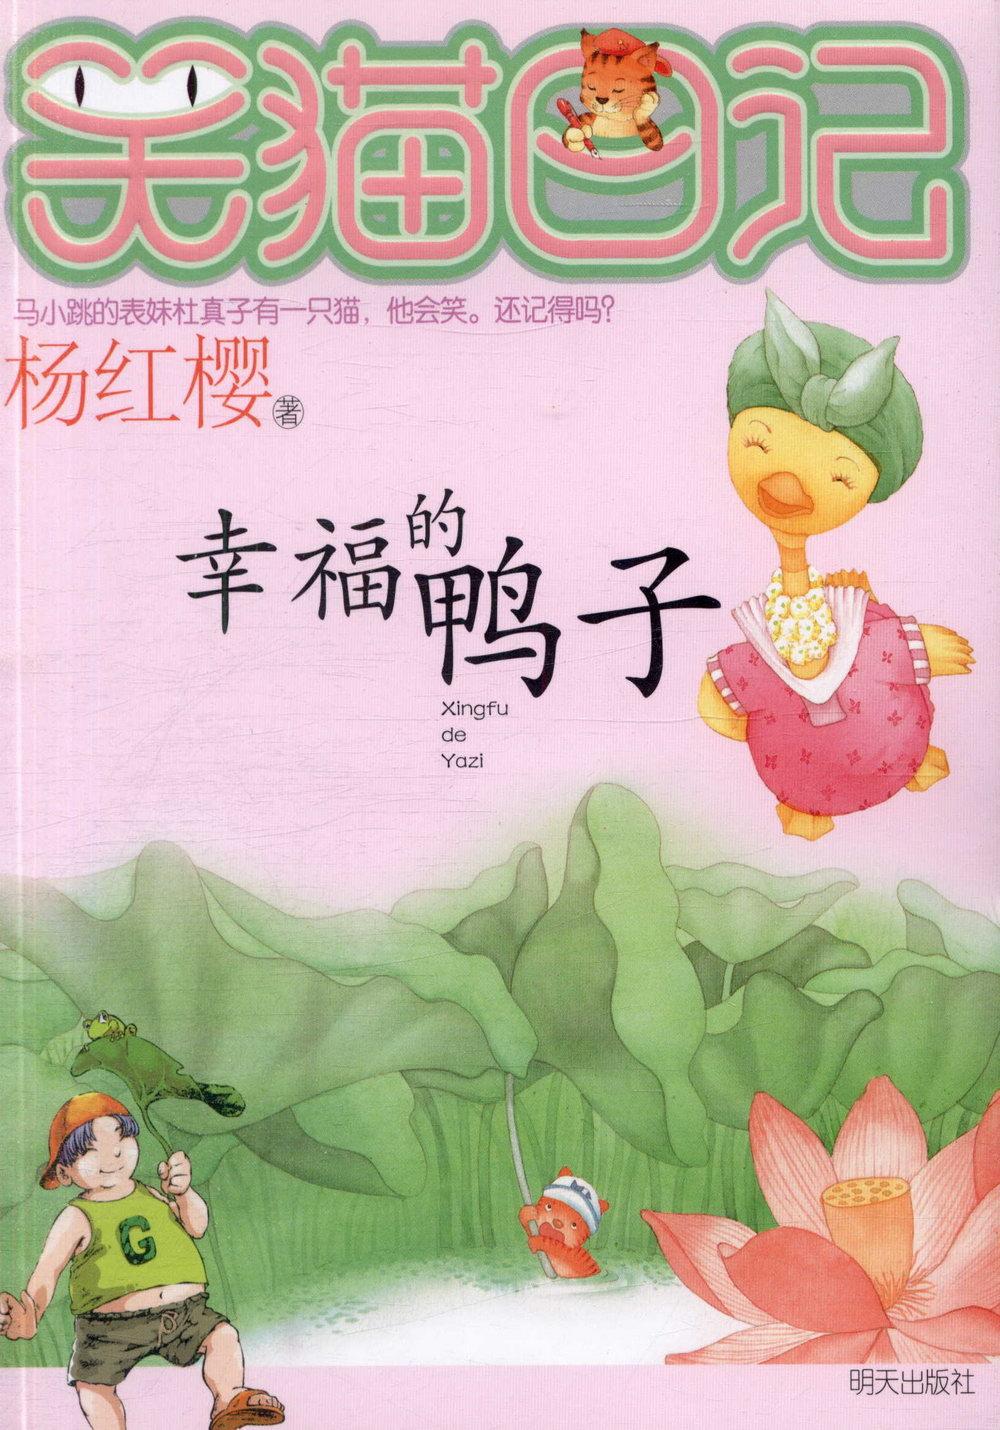 笑貓日記-幸福的鴨子